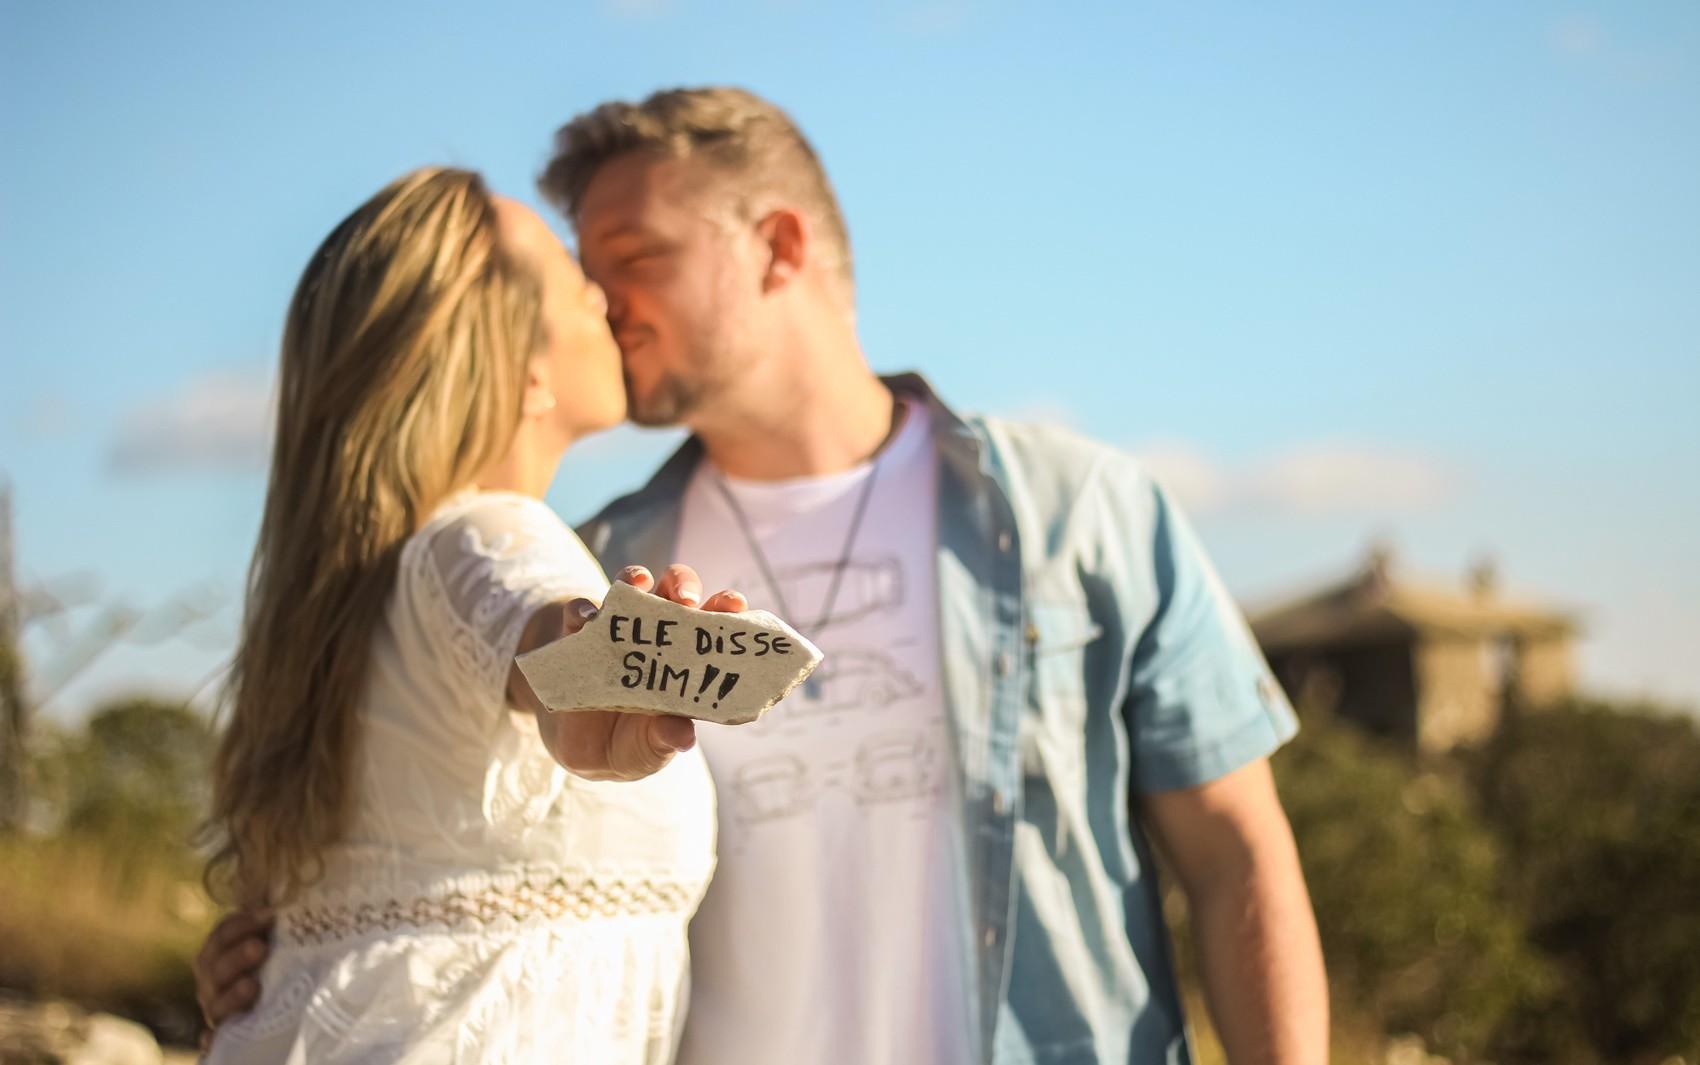 Terapeuta pede namorado em casamento durante ensaio fotográfico 'falso' em MG: 'Ele disse sim'